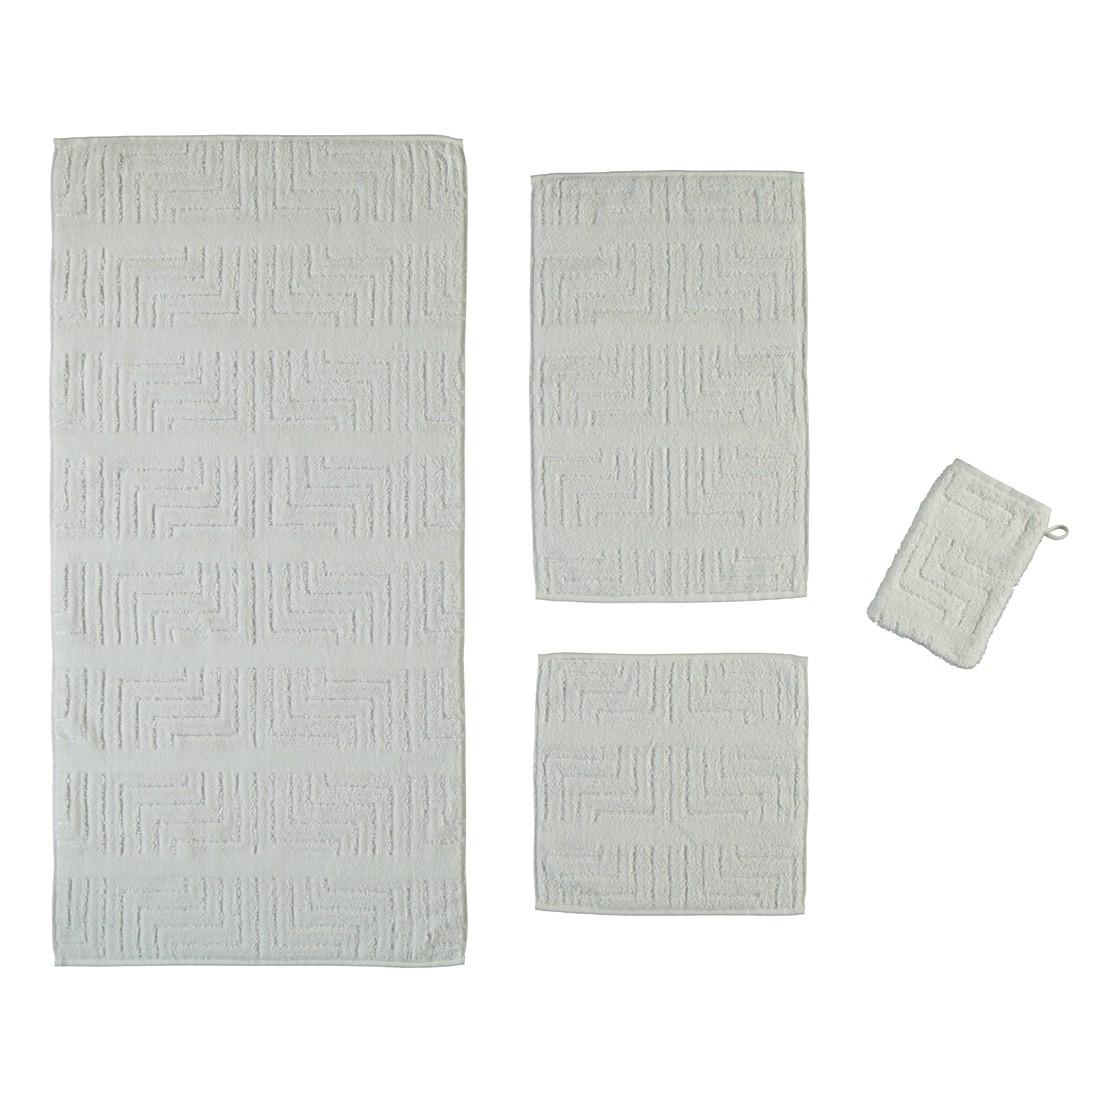 Handtücher Noblesse Decor Struktur 1065 – Baumwolle – Weiß – Handtuch 50×100 cm, Cawö online kaufen